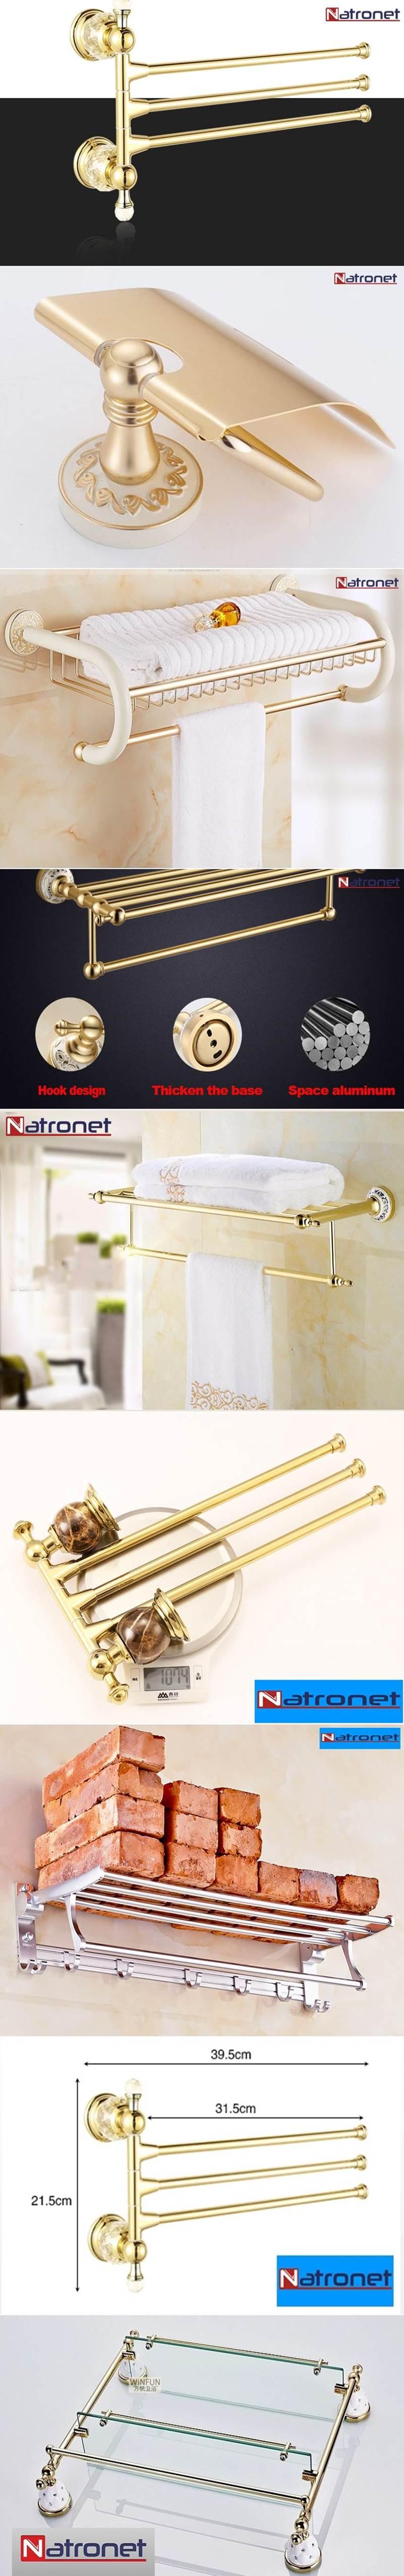 Lüks banyo havluluklar altın kaplama pirinç- bronz ürünler